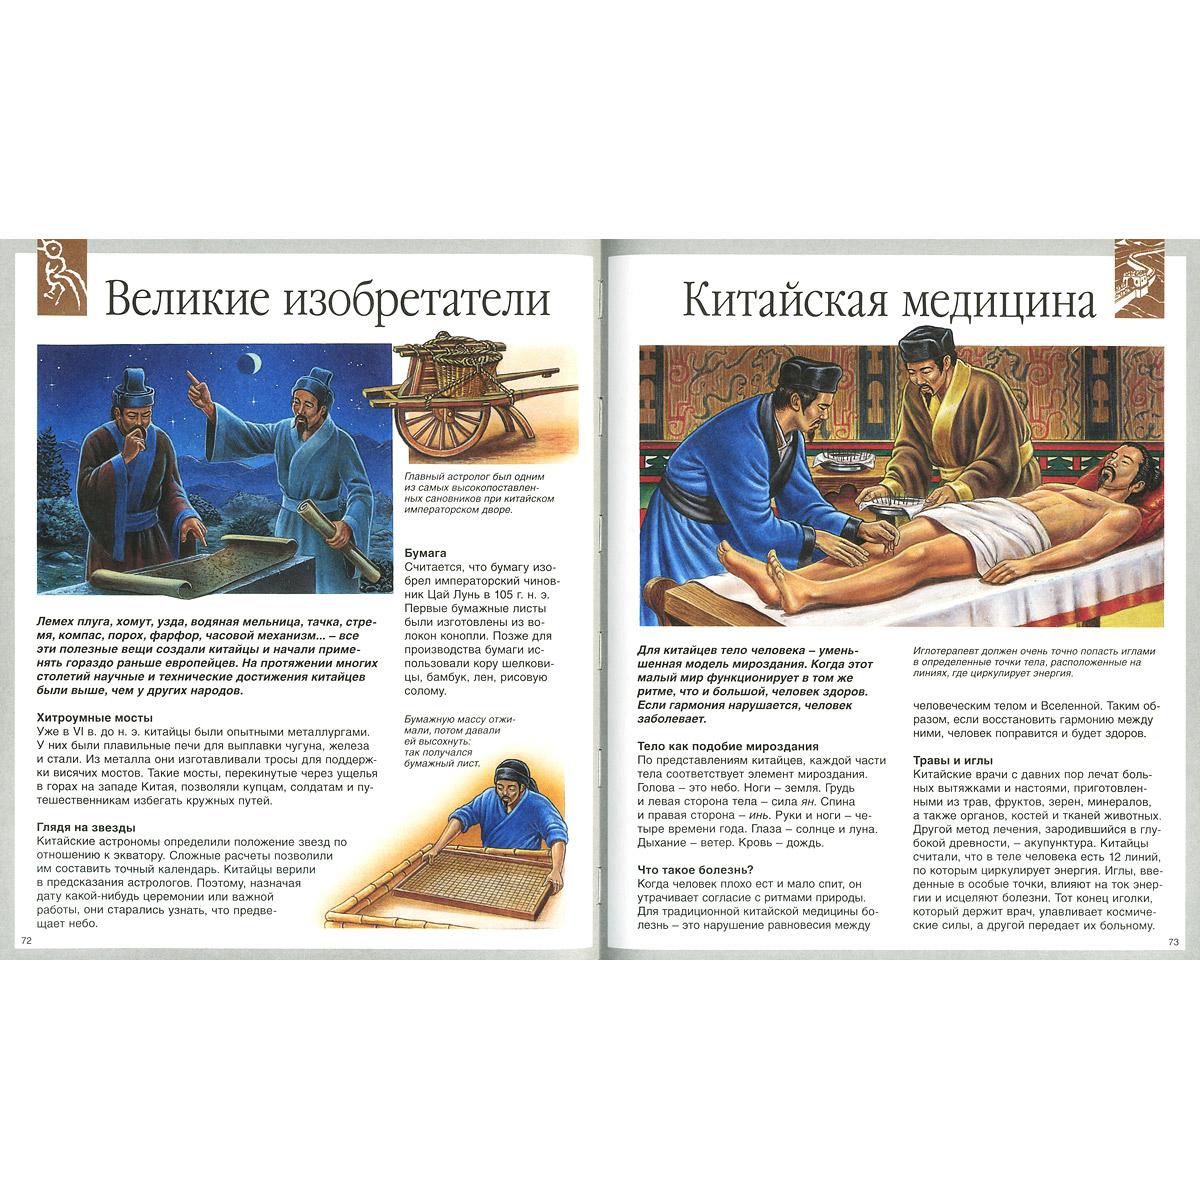 Цивилизации древнего мира